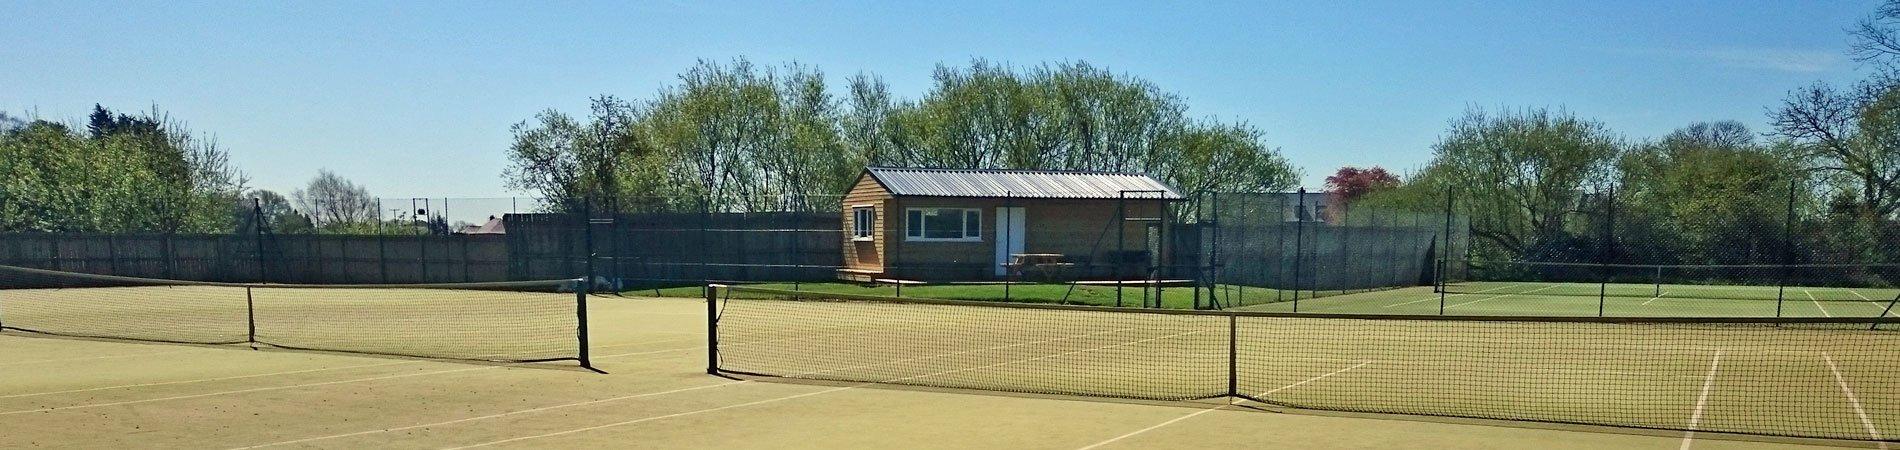 Pocklington Tennis Club